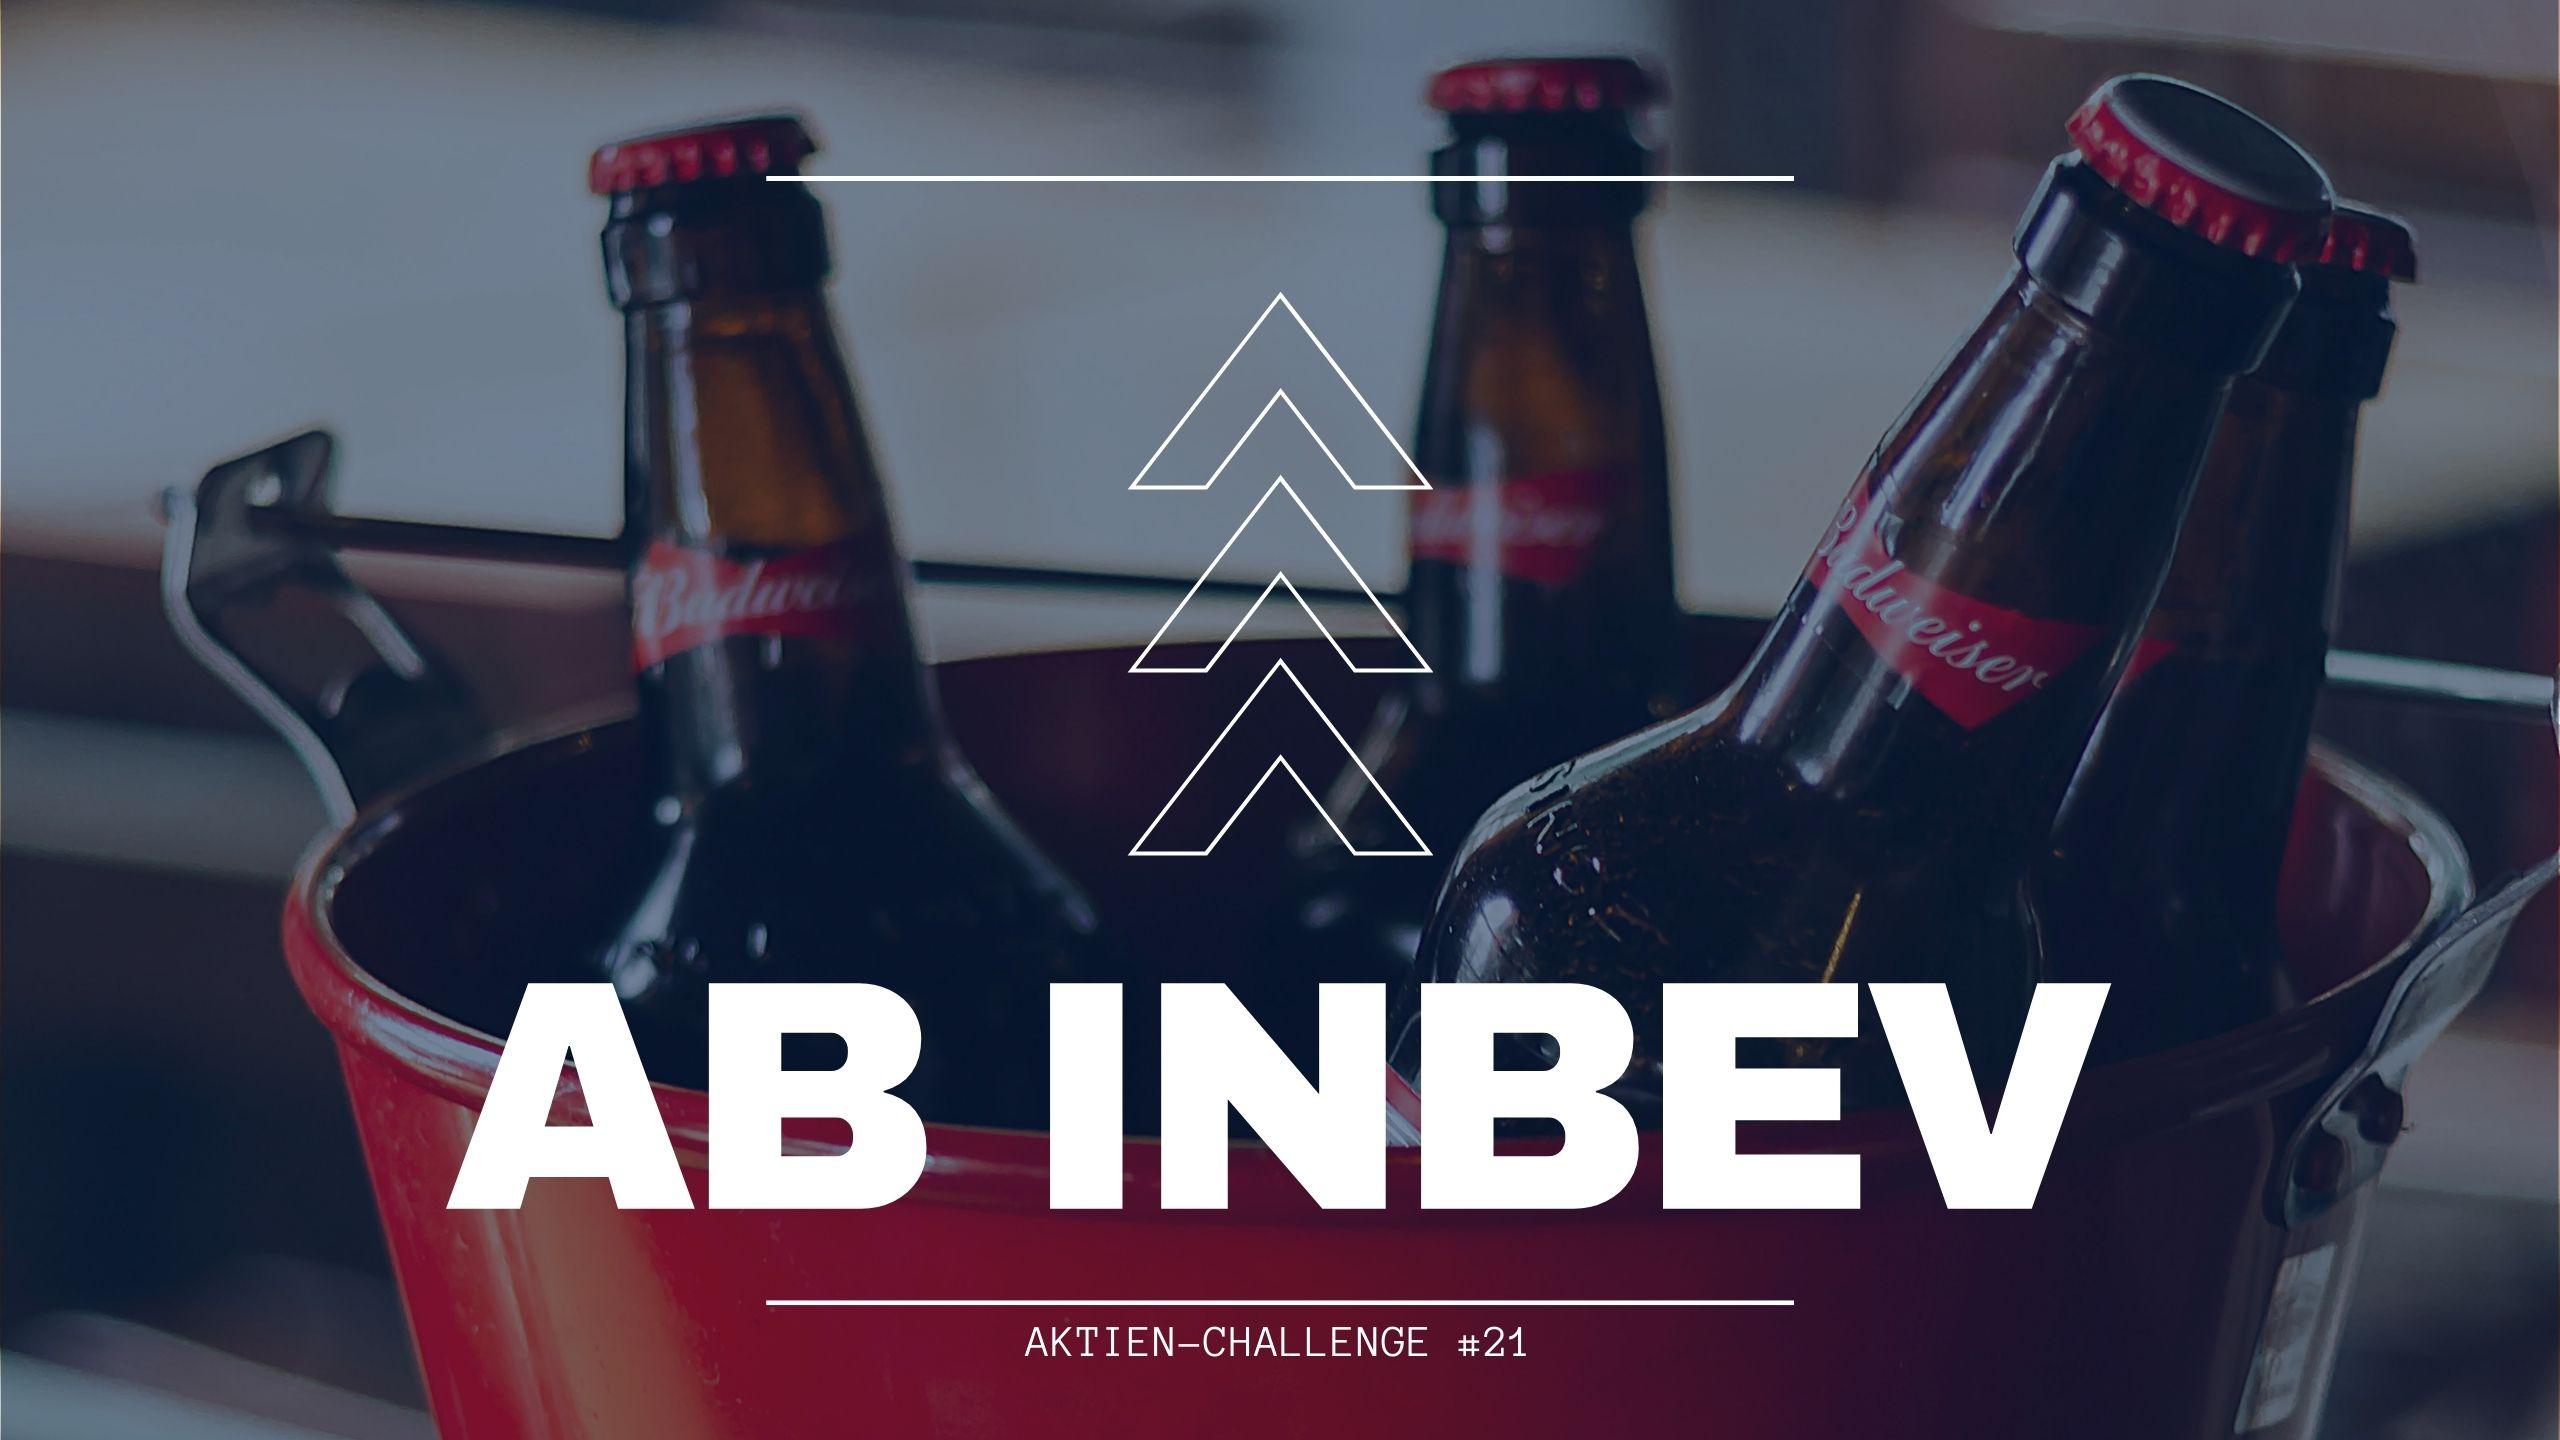 AB InBev Aktie: Bier-Gigant Anheuser-Busch für 57€ kaufen? - Trendbetter.de - Aktien & Börse